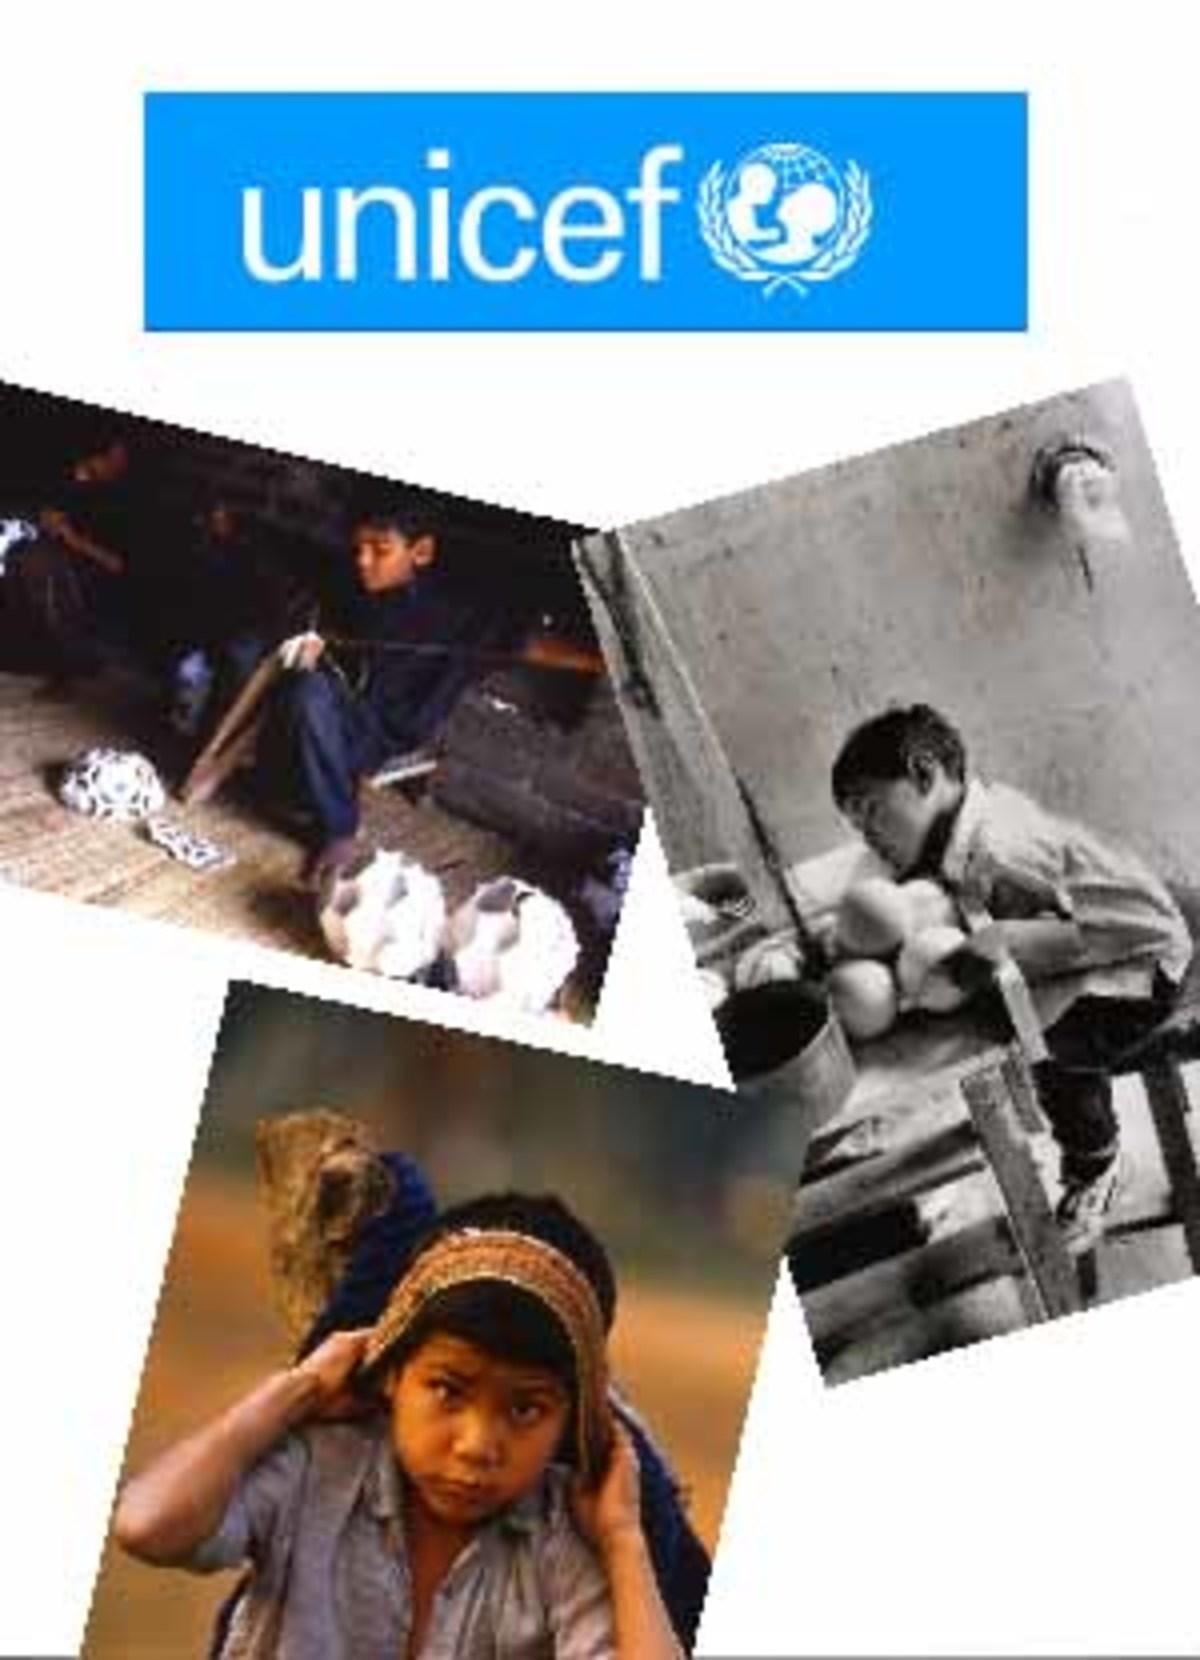 ΠΟΥ και UNICEF κατά της πνευμονίας | Newsit.gr